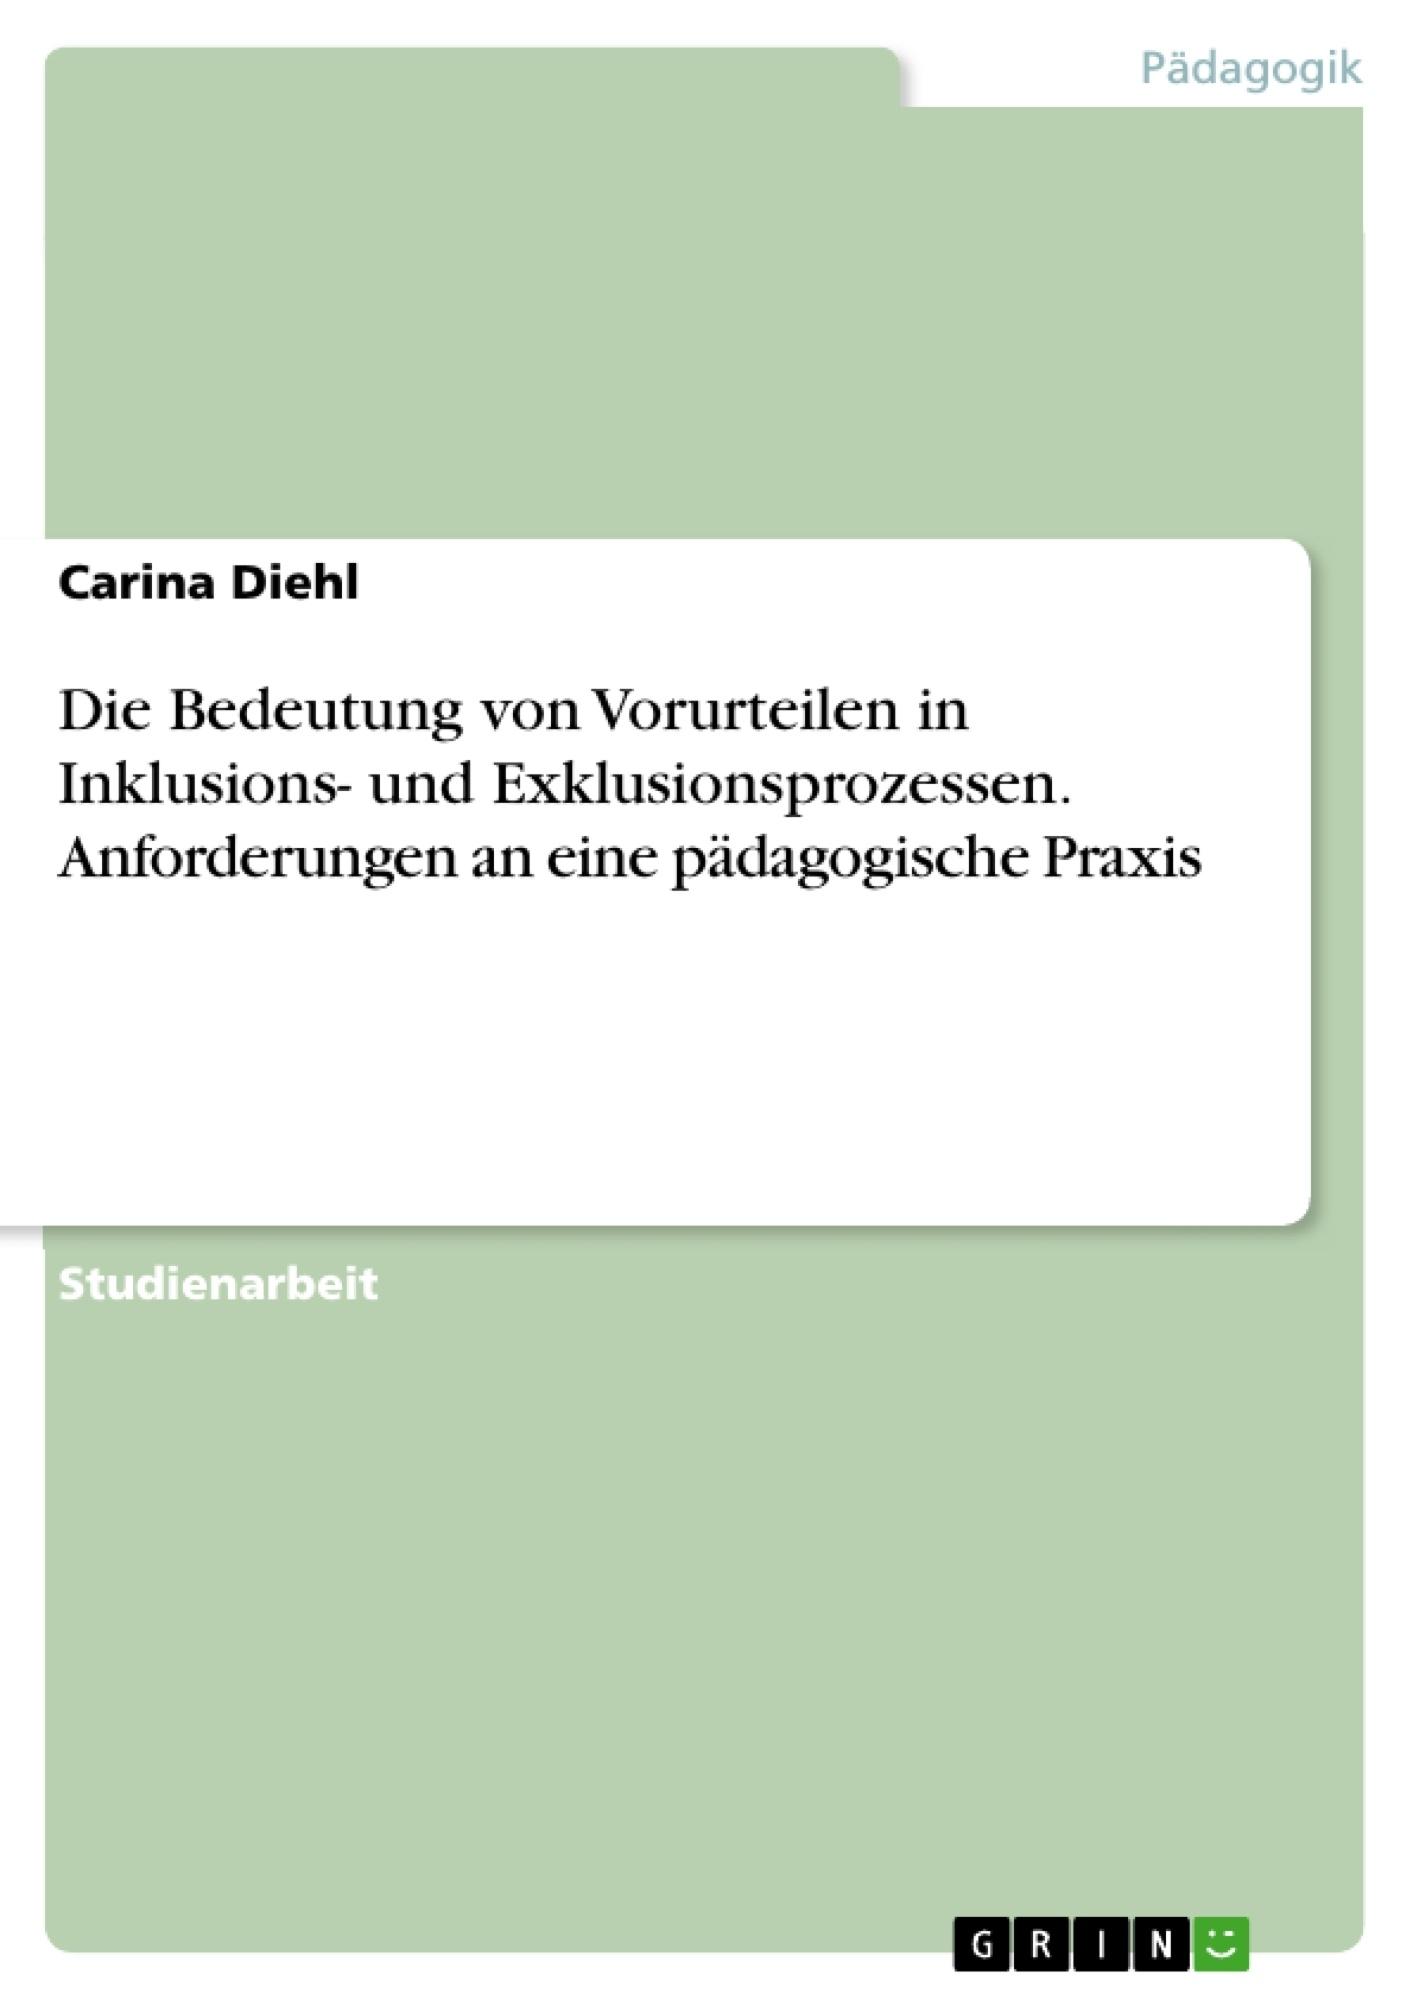 Titel: Die Bedeutung von Vorurteilen in Inklusions- und Exklusionsprozessen. Anforderungen an eine pädagogische Praxis